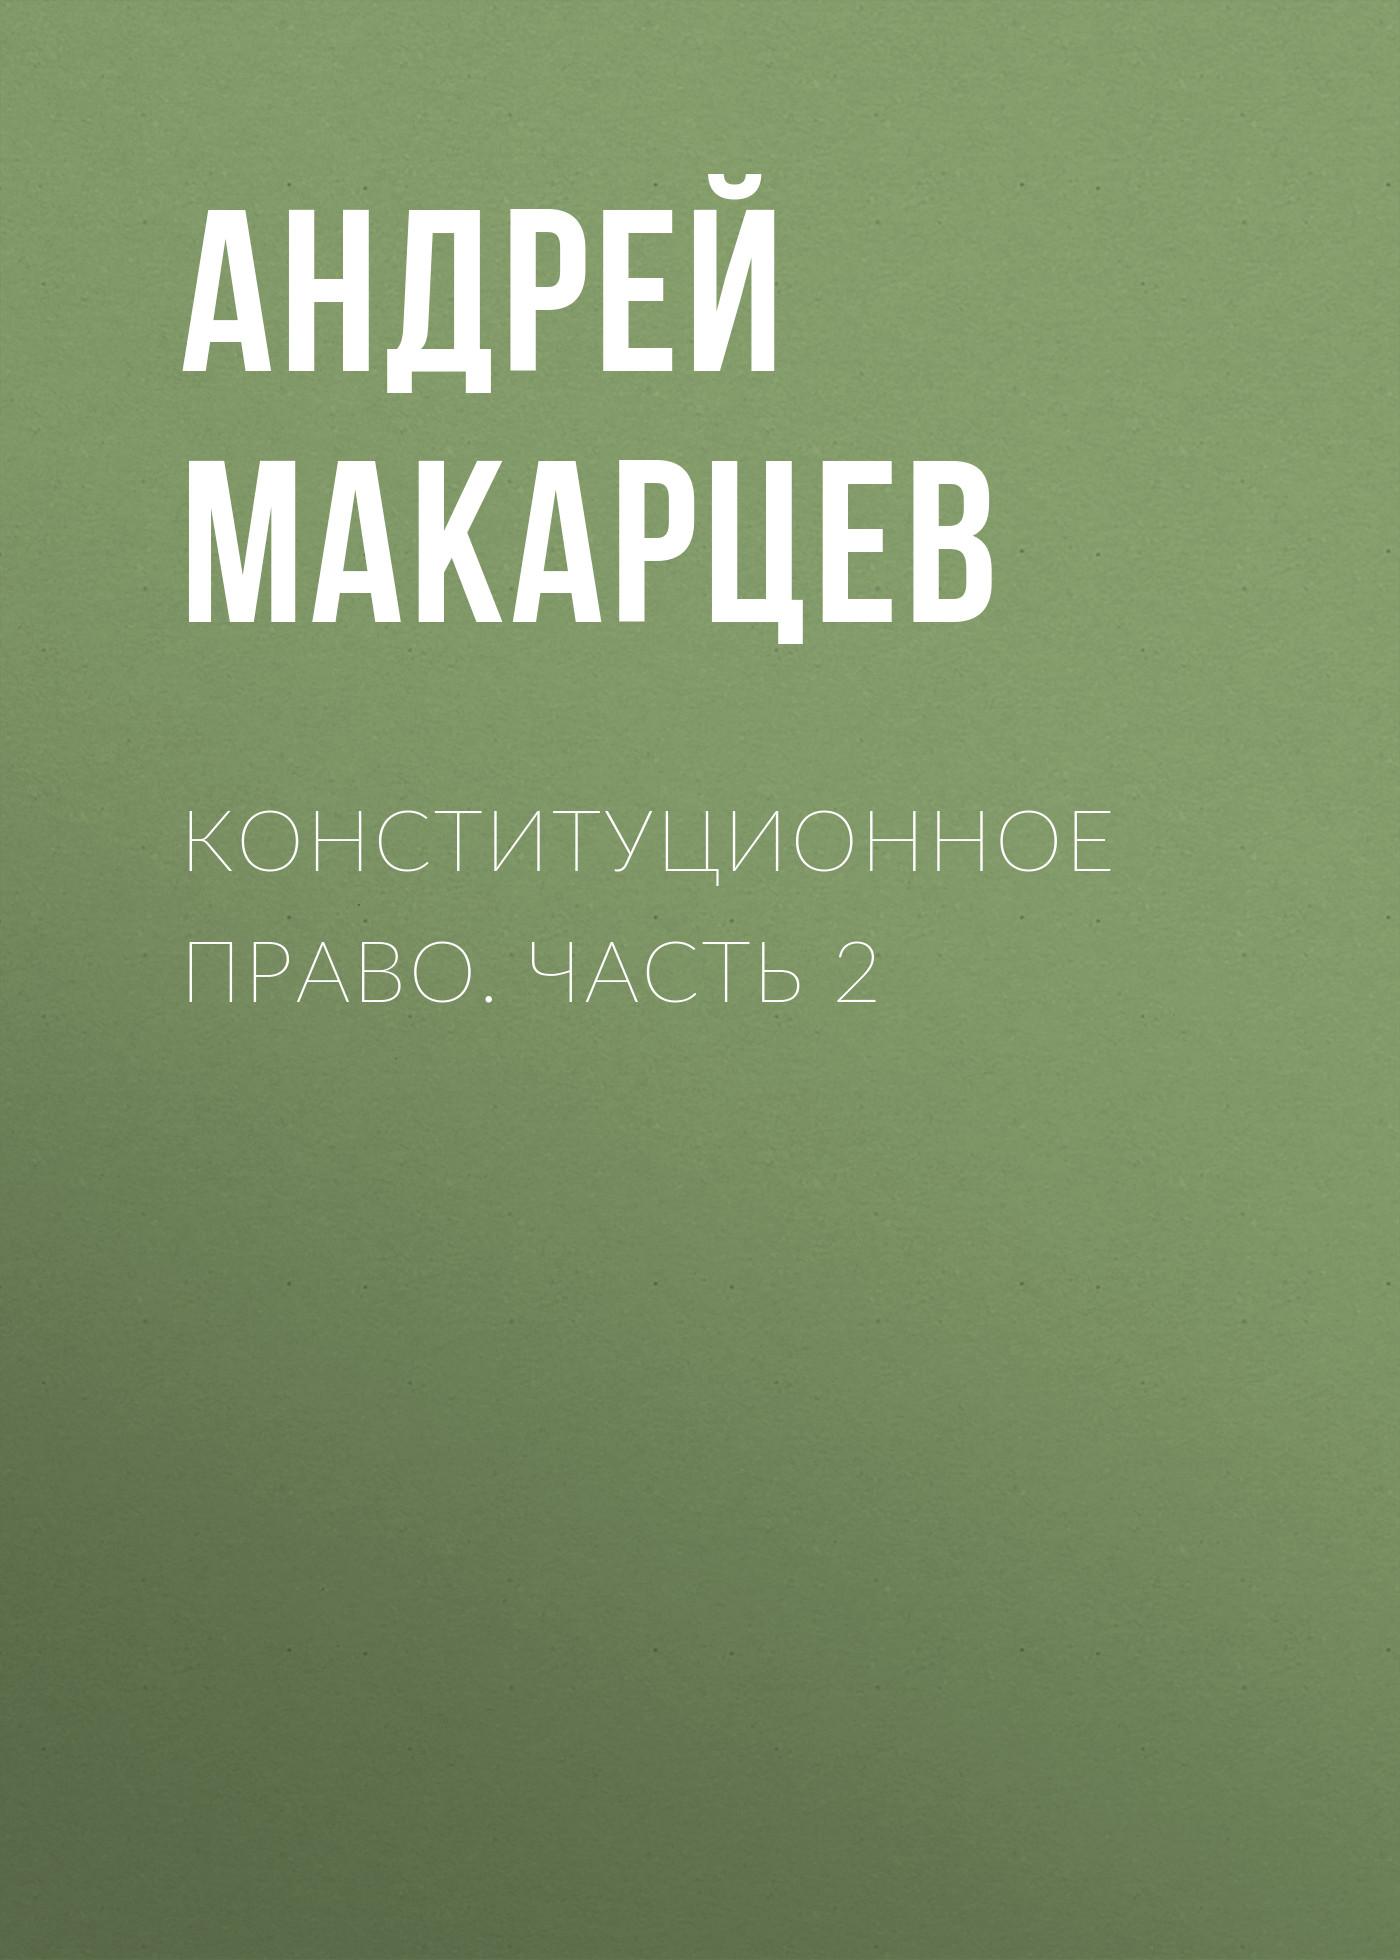 Андрей Макарцев Конституционное право. Часть 2 шпаргалка по конституционному праву зарубежных стран